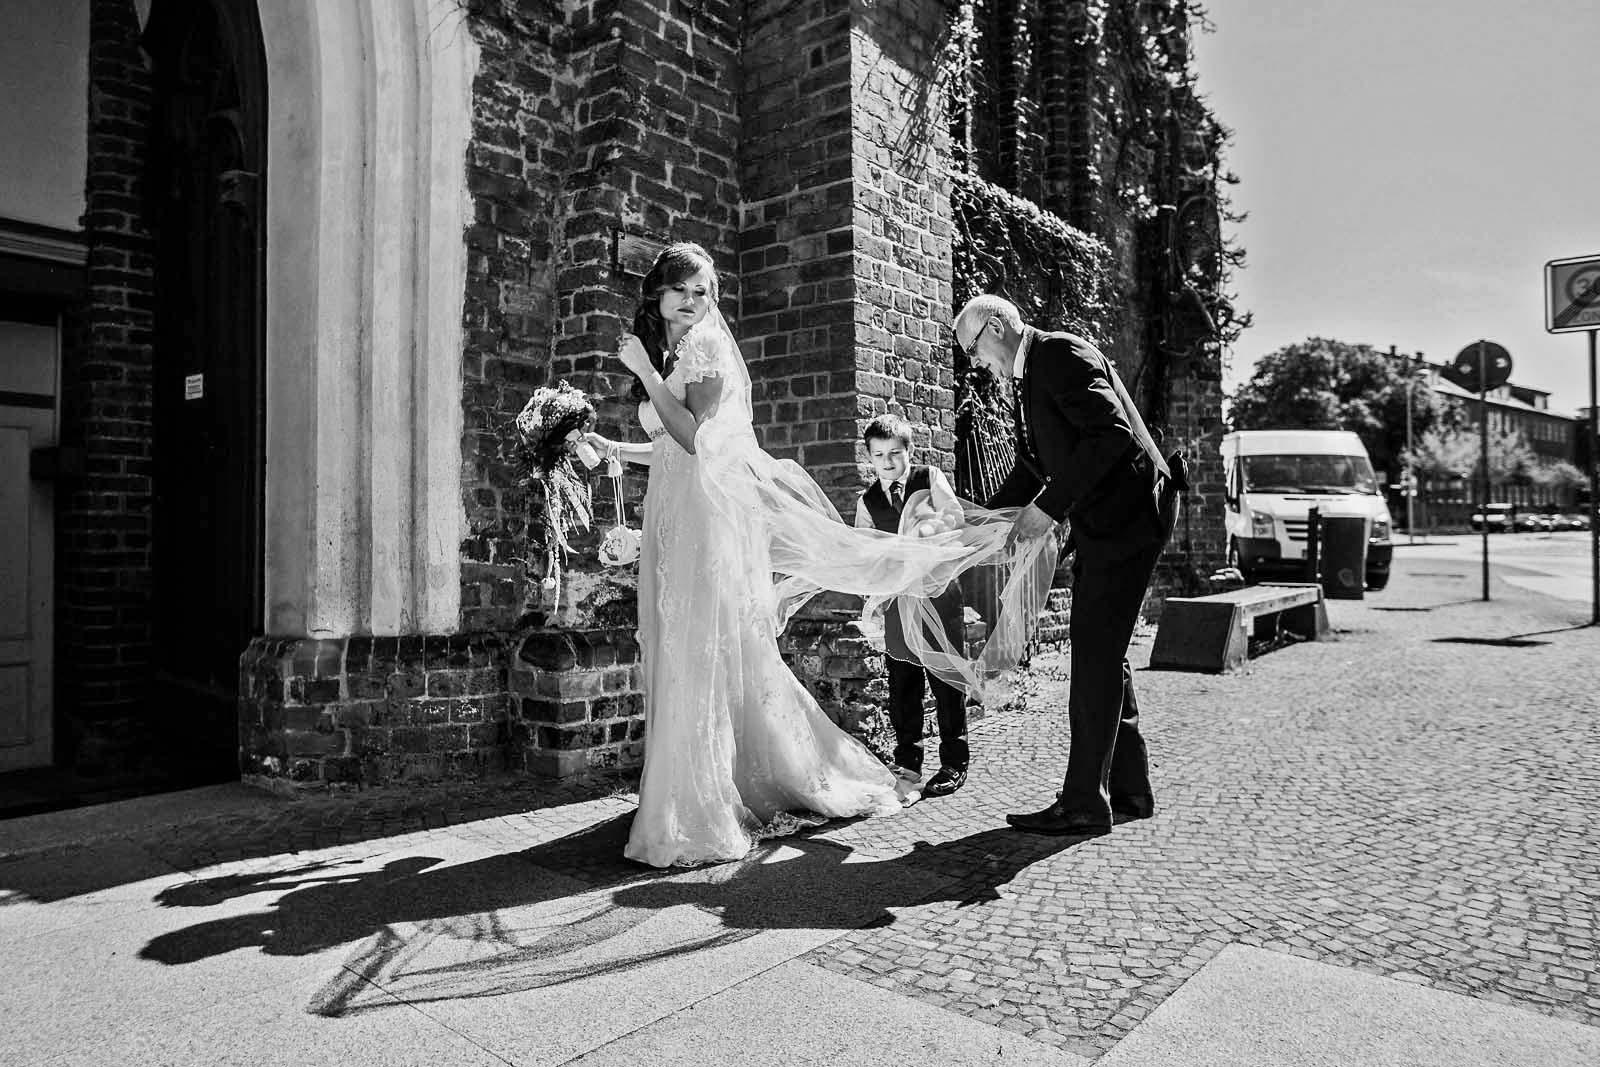 Hochzeitsreportage in Stralsund Braut vor einer Kirche Copyright by Hochzeitsfotograf www.berliner-hochzeitsfotografie.de